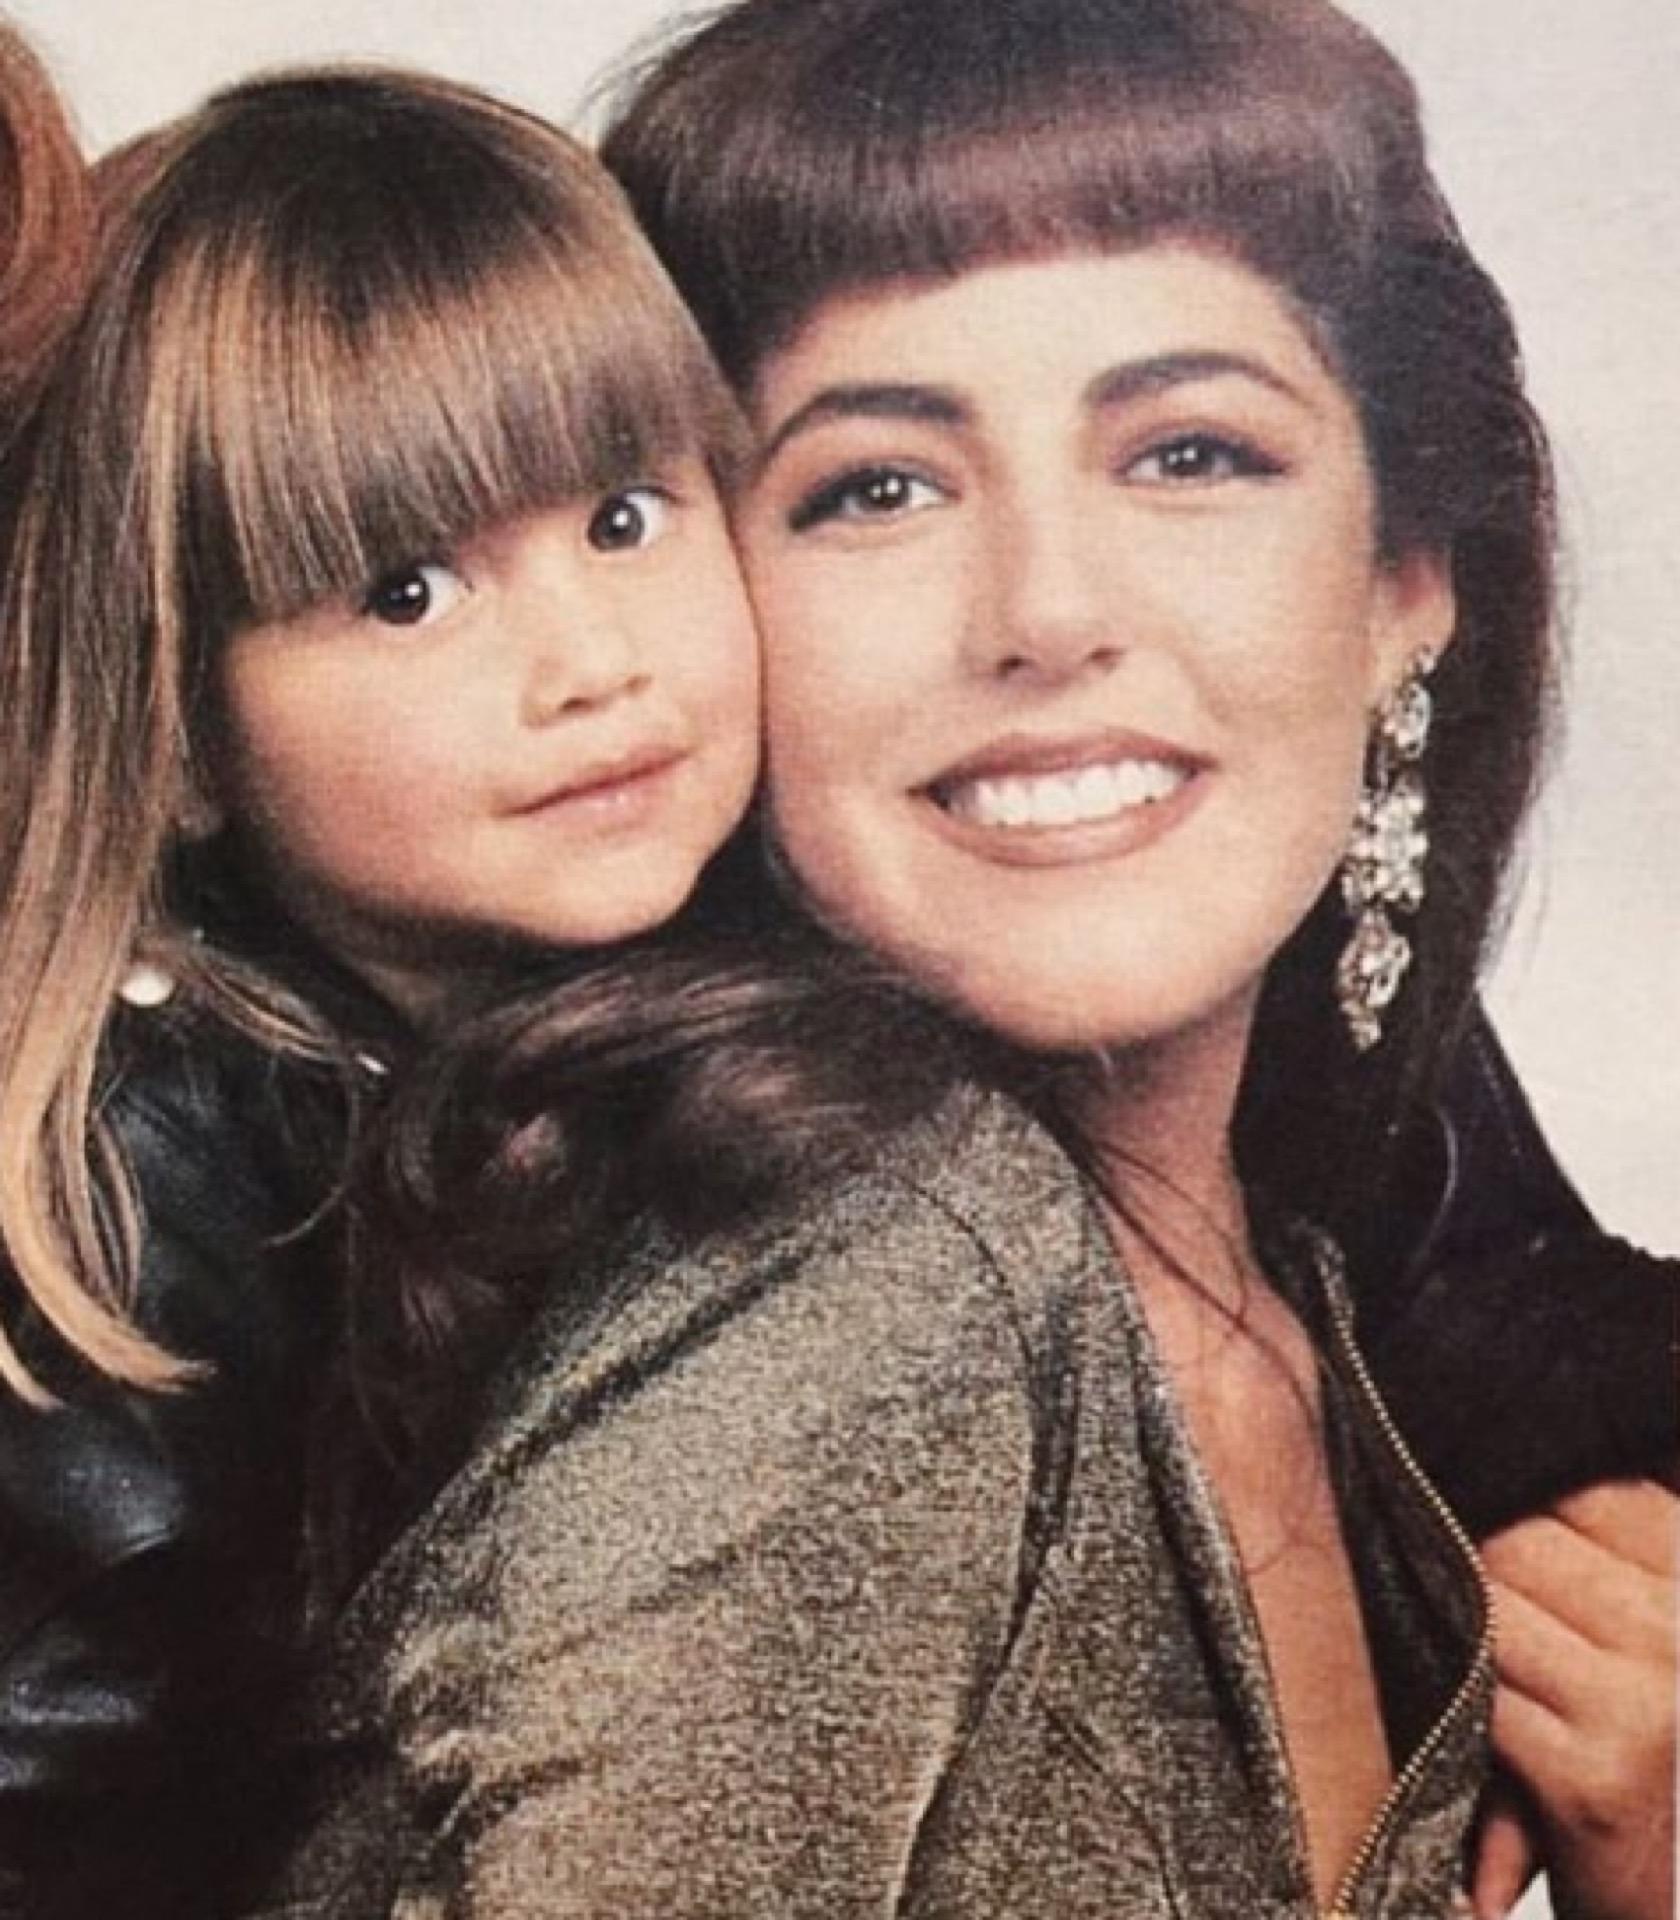 Michelle en su infancia, junto a su mamá, Stephanie Salas.